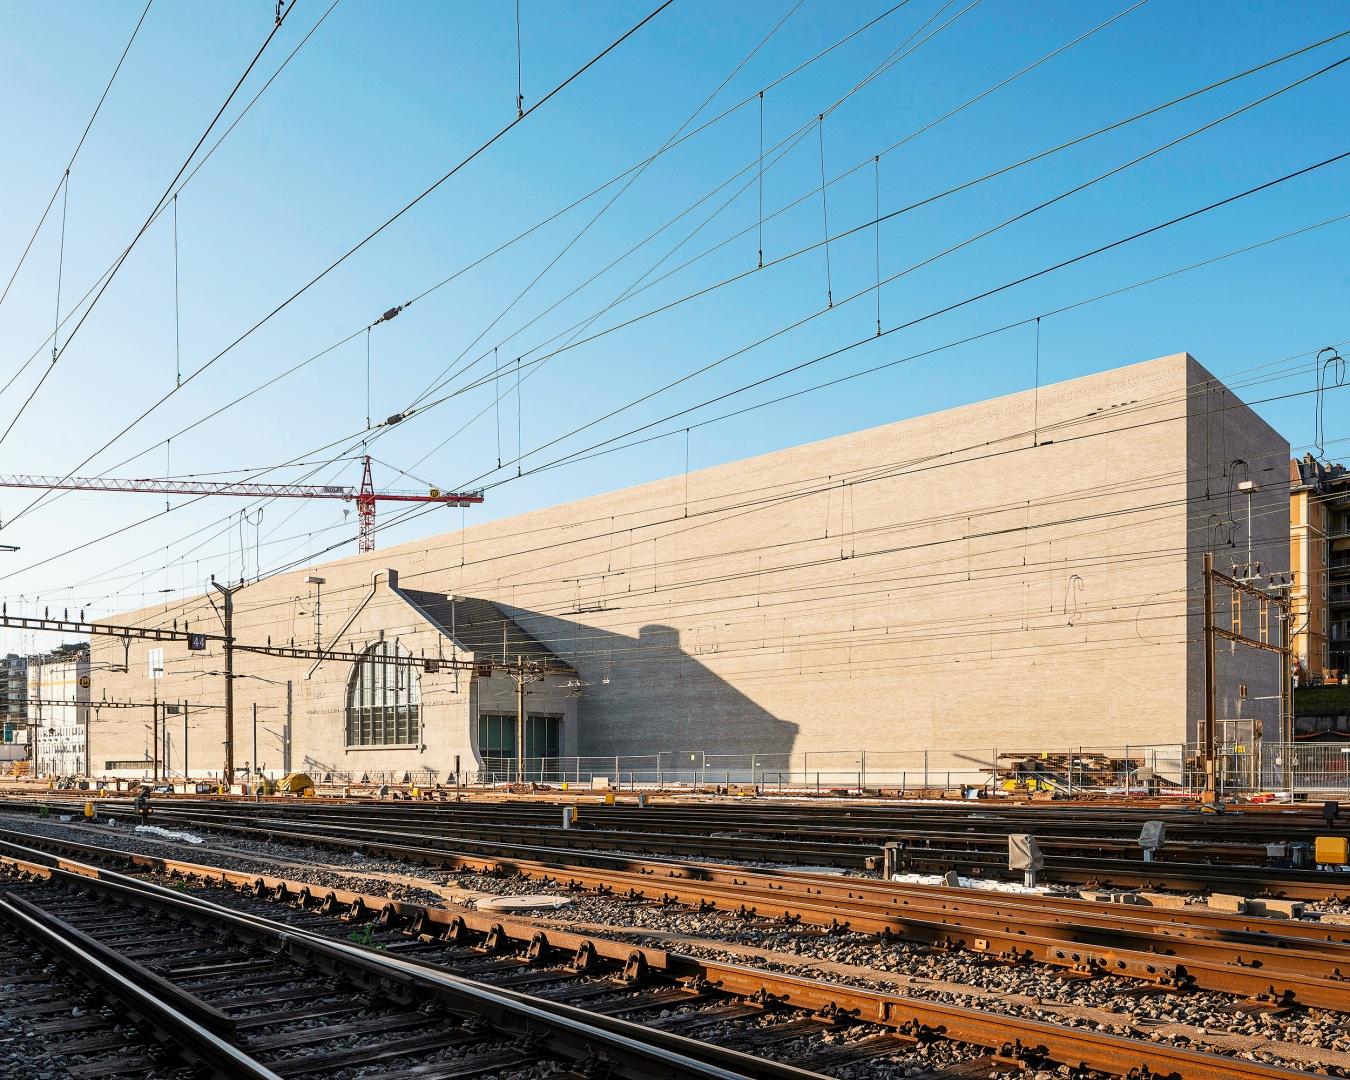 Die Umsetzung dieses ehrgeizigen Programms, eines 140 Meter langen Gebäudes, hat direkte Auswirkungen auf die Bahngleise. Das Gebäude ist zweckmässig geplant, in schlichter  Formensprache als Monolith ausgeführt. © Matthieu Gafsou